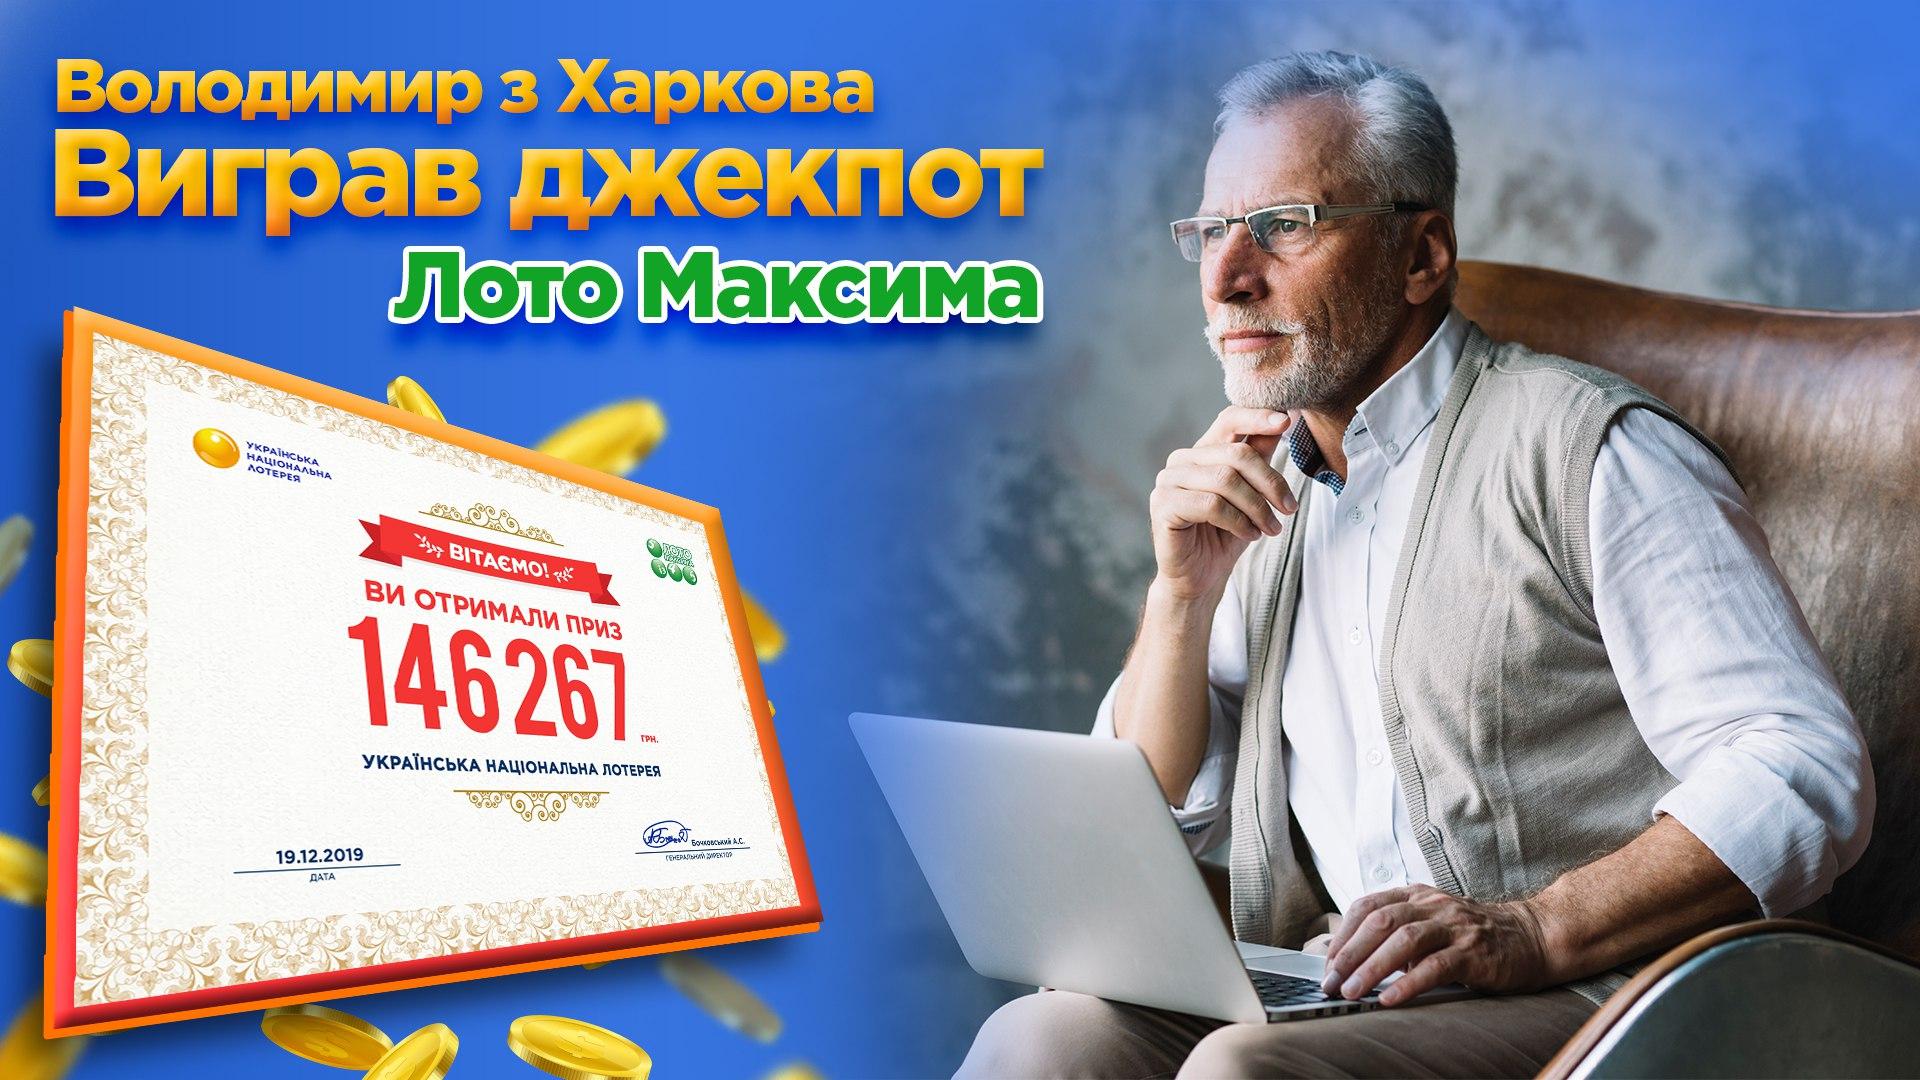 переможець Володимир